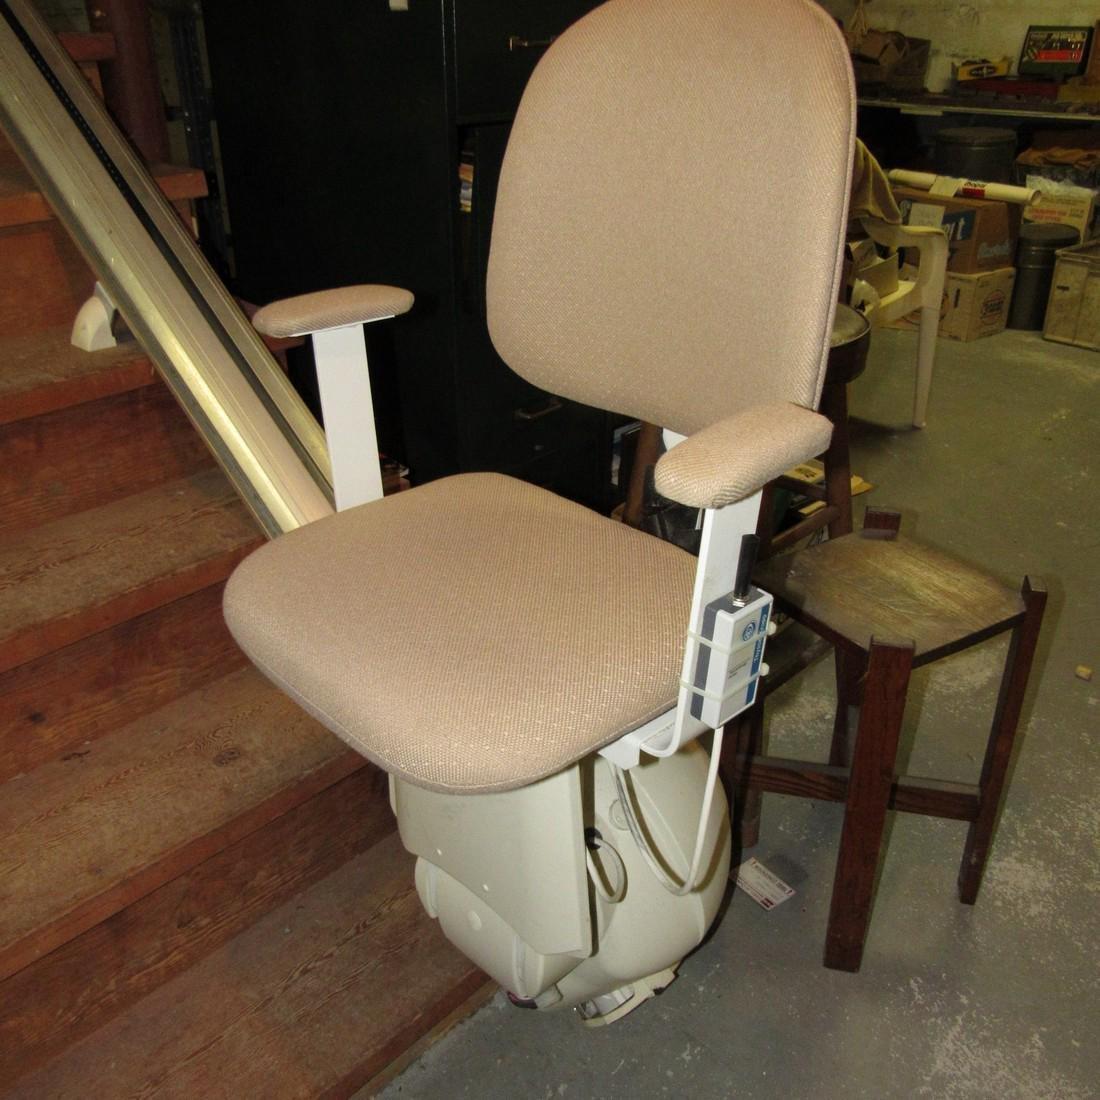 Thyssenkrup Citia Stair Chair - 5